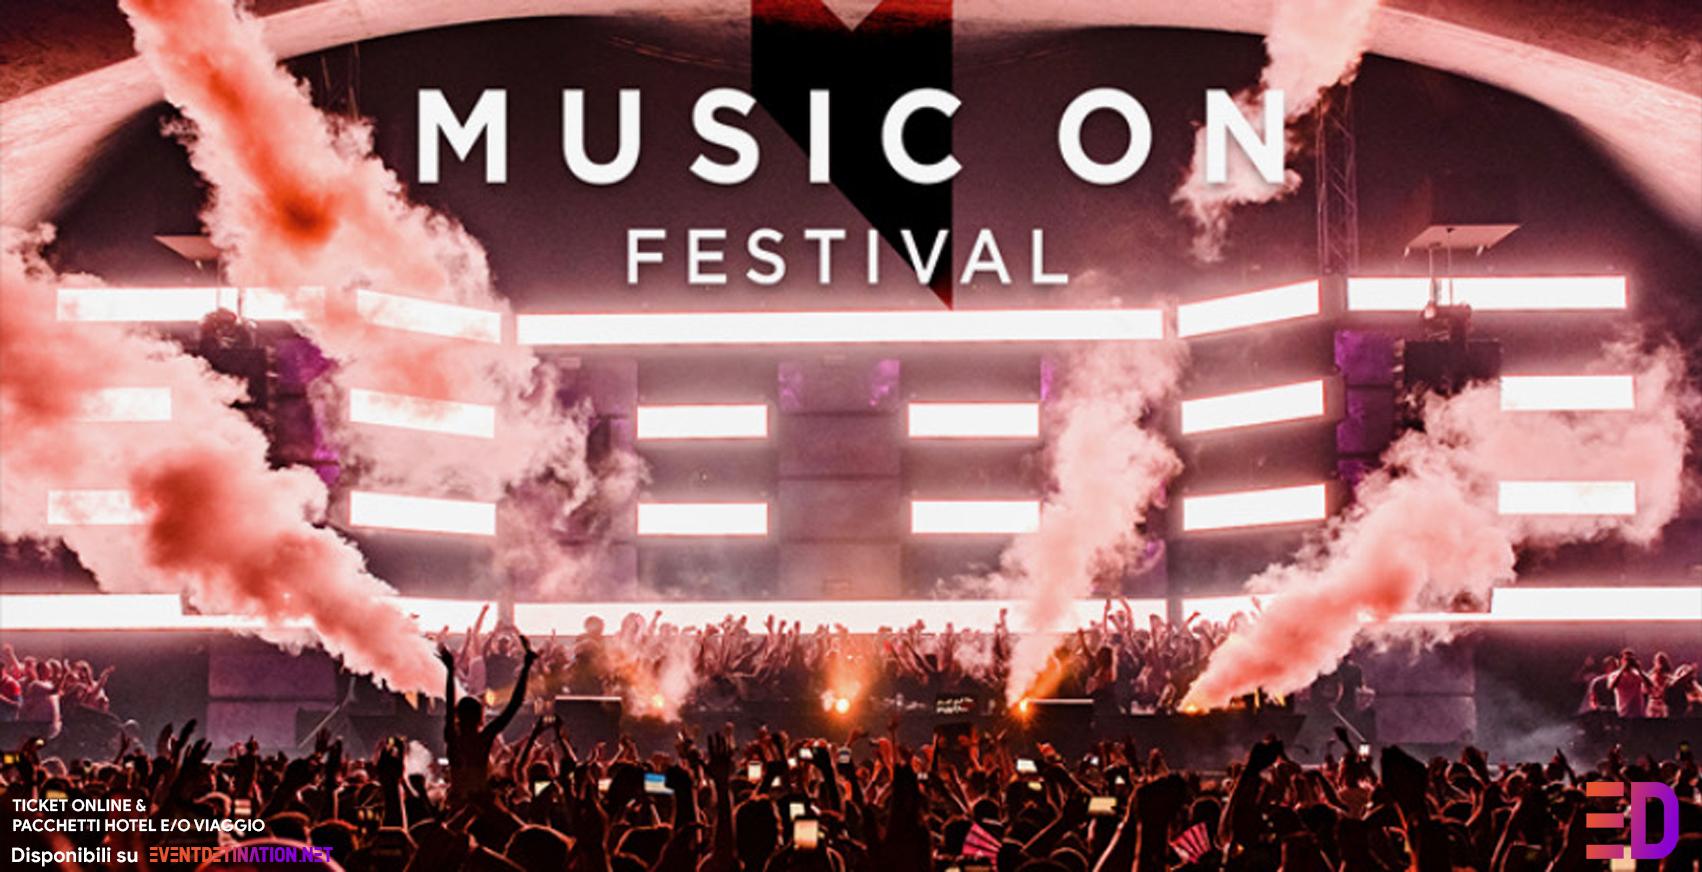 MUSIC ON FESTIVAL AMSTERDAM 09 e 10 Maggio 2020 Ticket Pacchetti Hotel